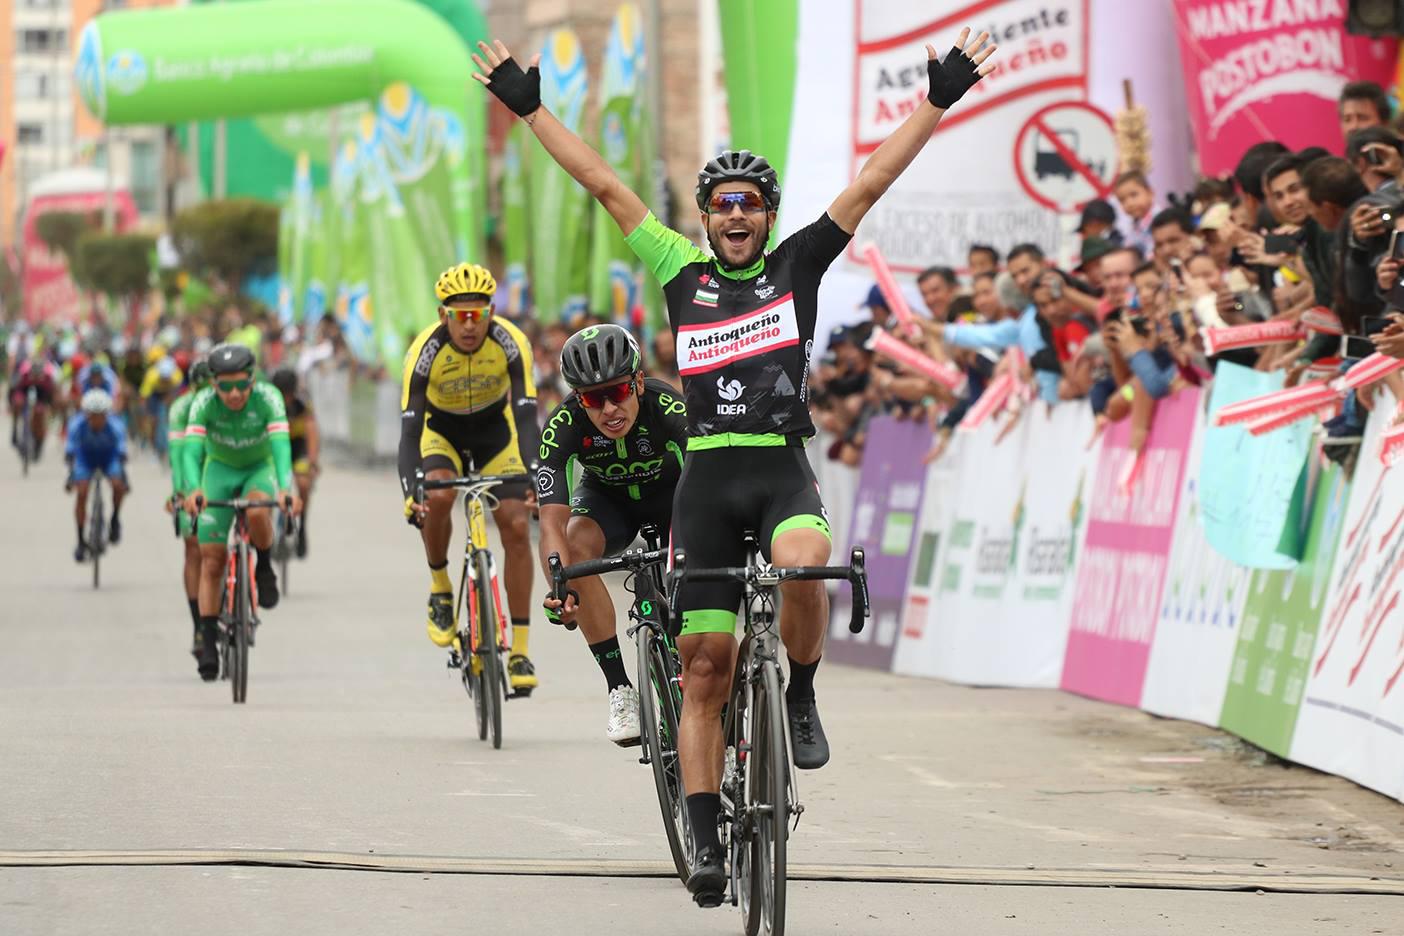 Carlos Julián Quintero (Aguardiente Antioqueño) logra la victoria en la sexta etapa de la Vuelta a Colombia.